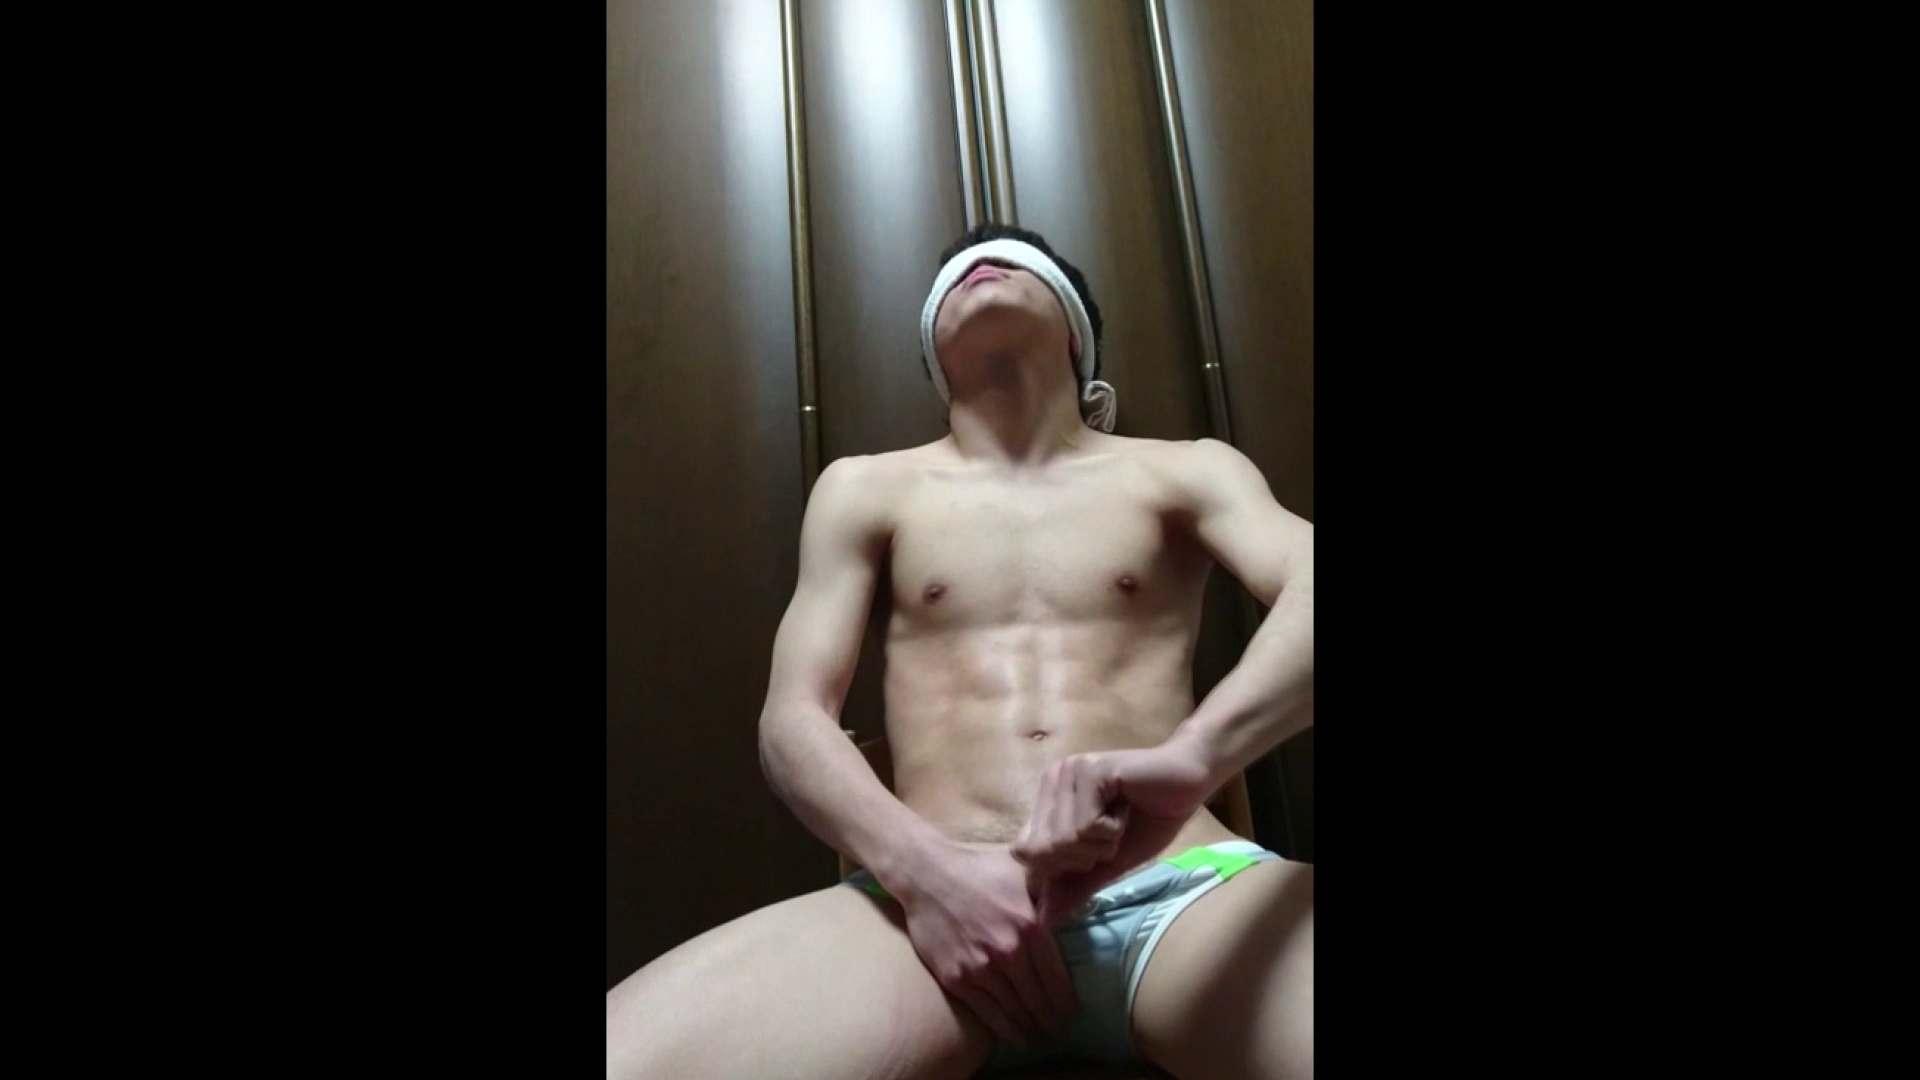 個人撮影 自慰の極意 Vol.21 ゲイのオナニー映像 ゲイセックス画像 107枚 47